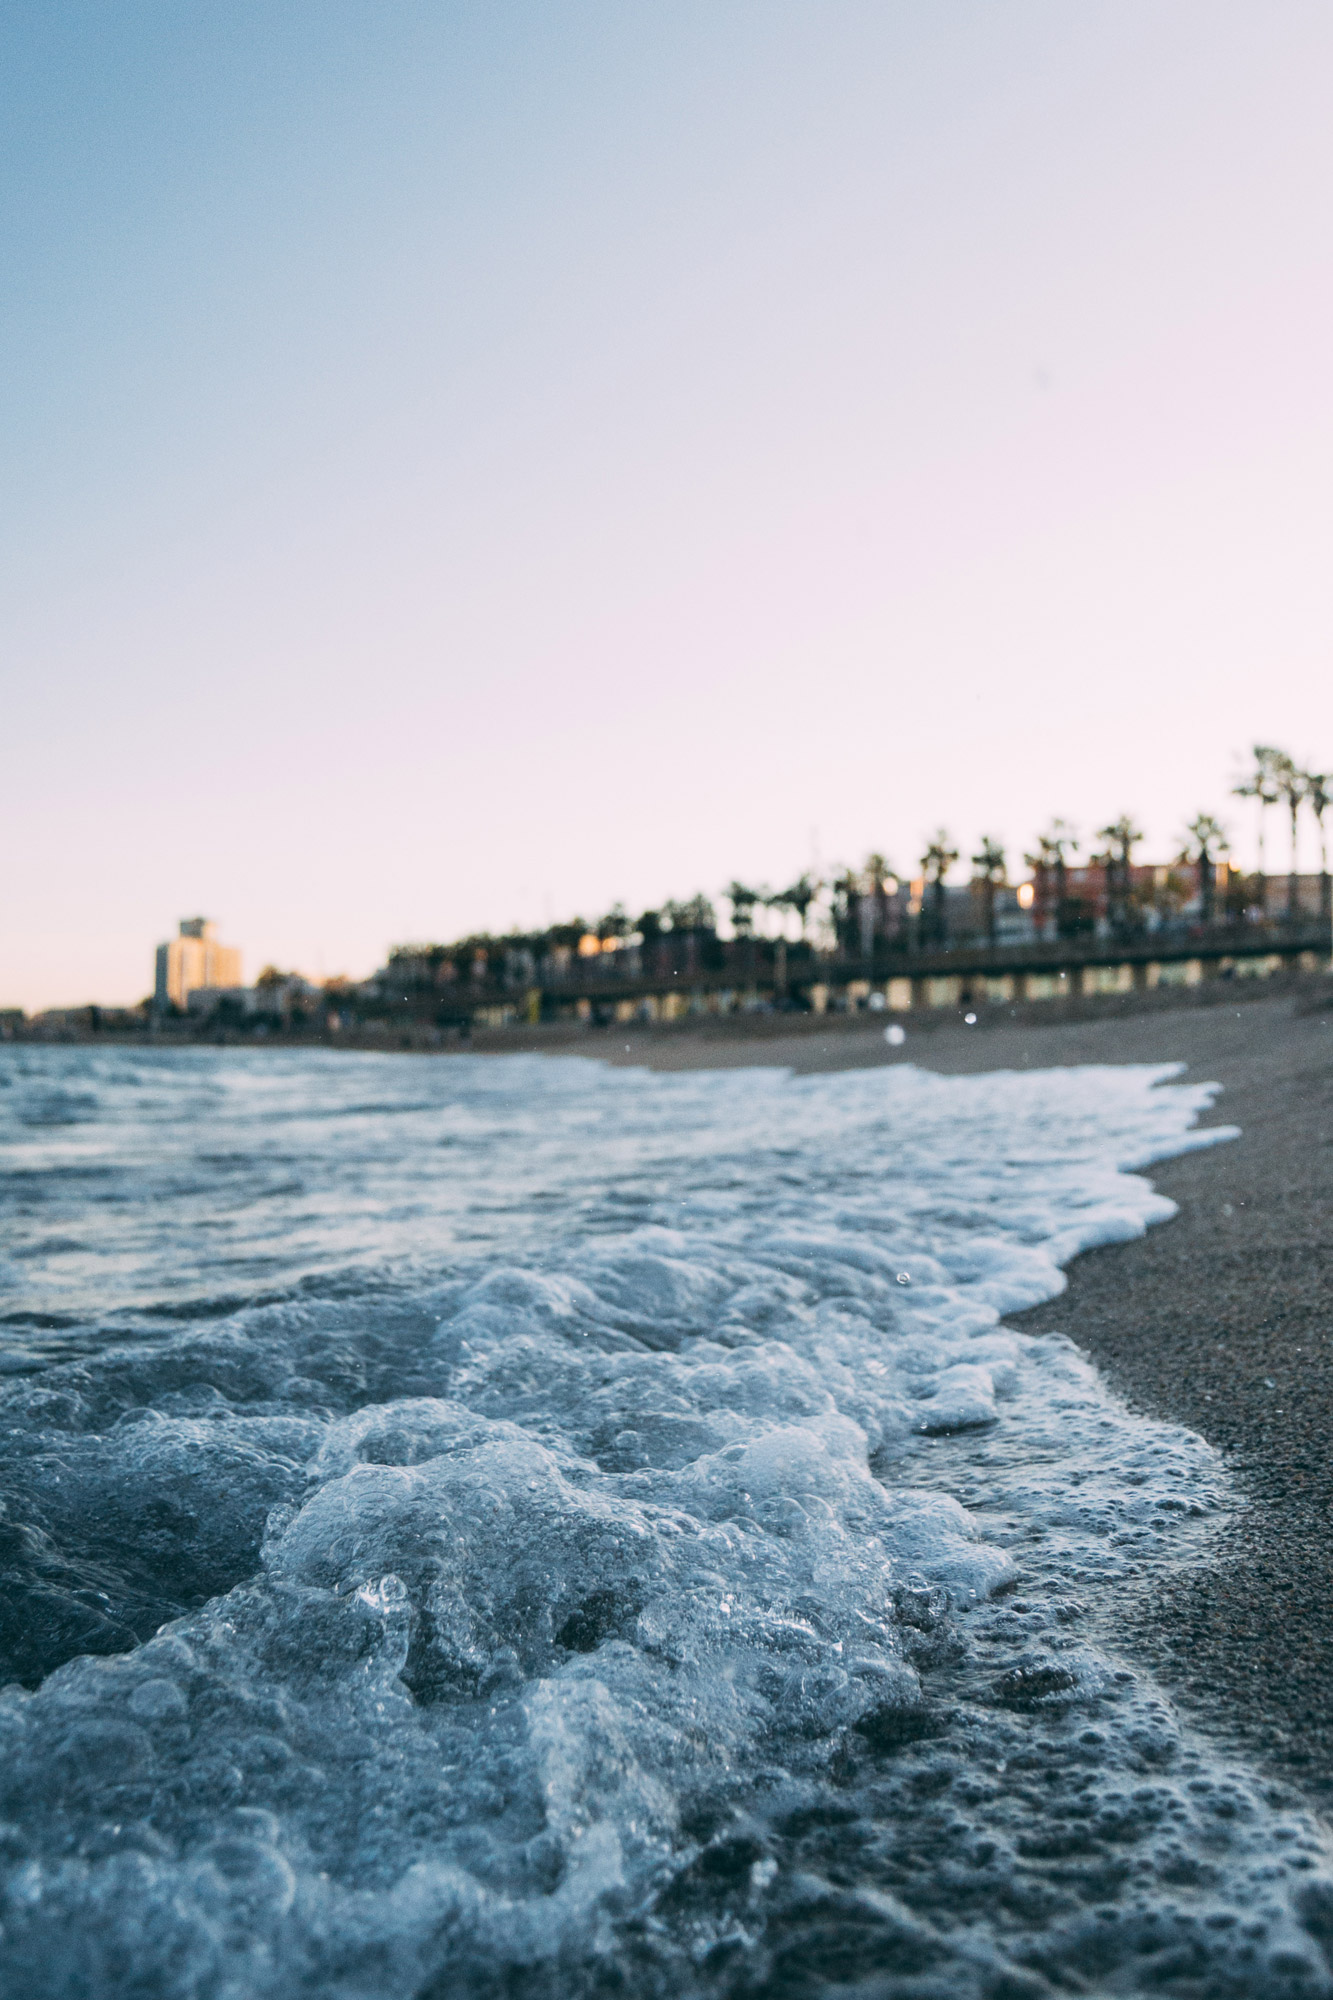 Gros plan sur l'écume des vagues qui s'échoue sur la plage avec les habitations en arrière-plan.